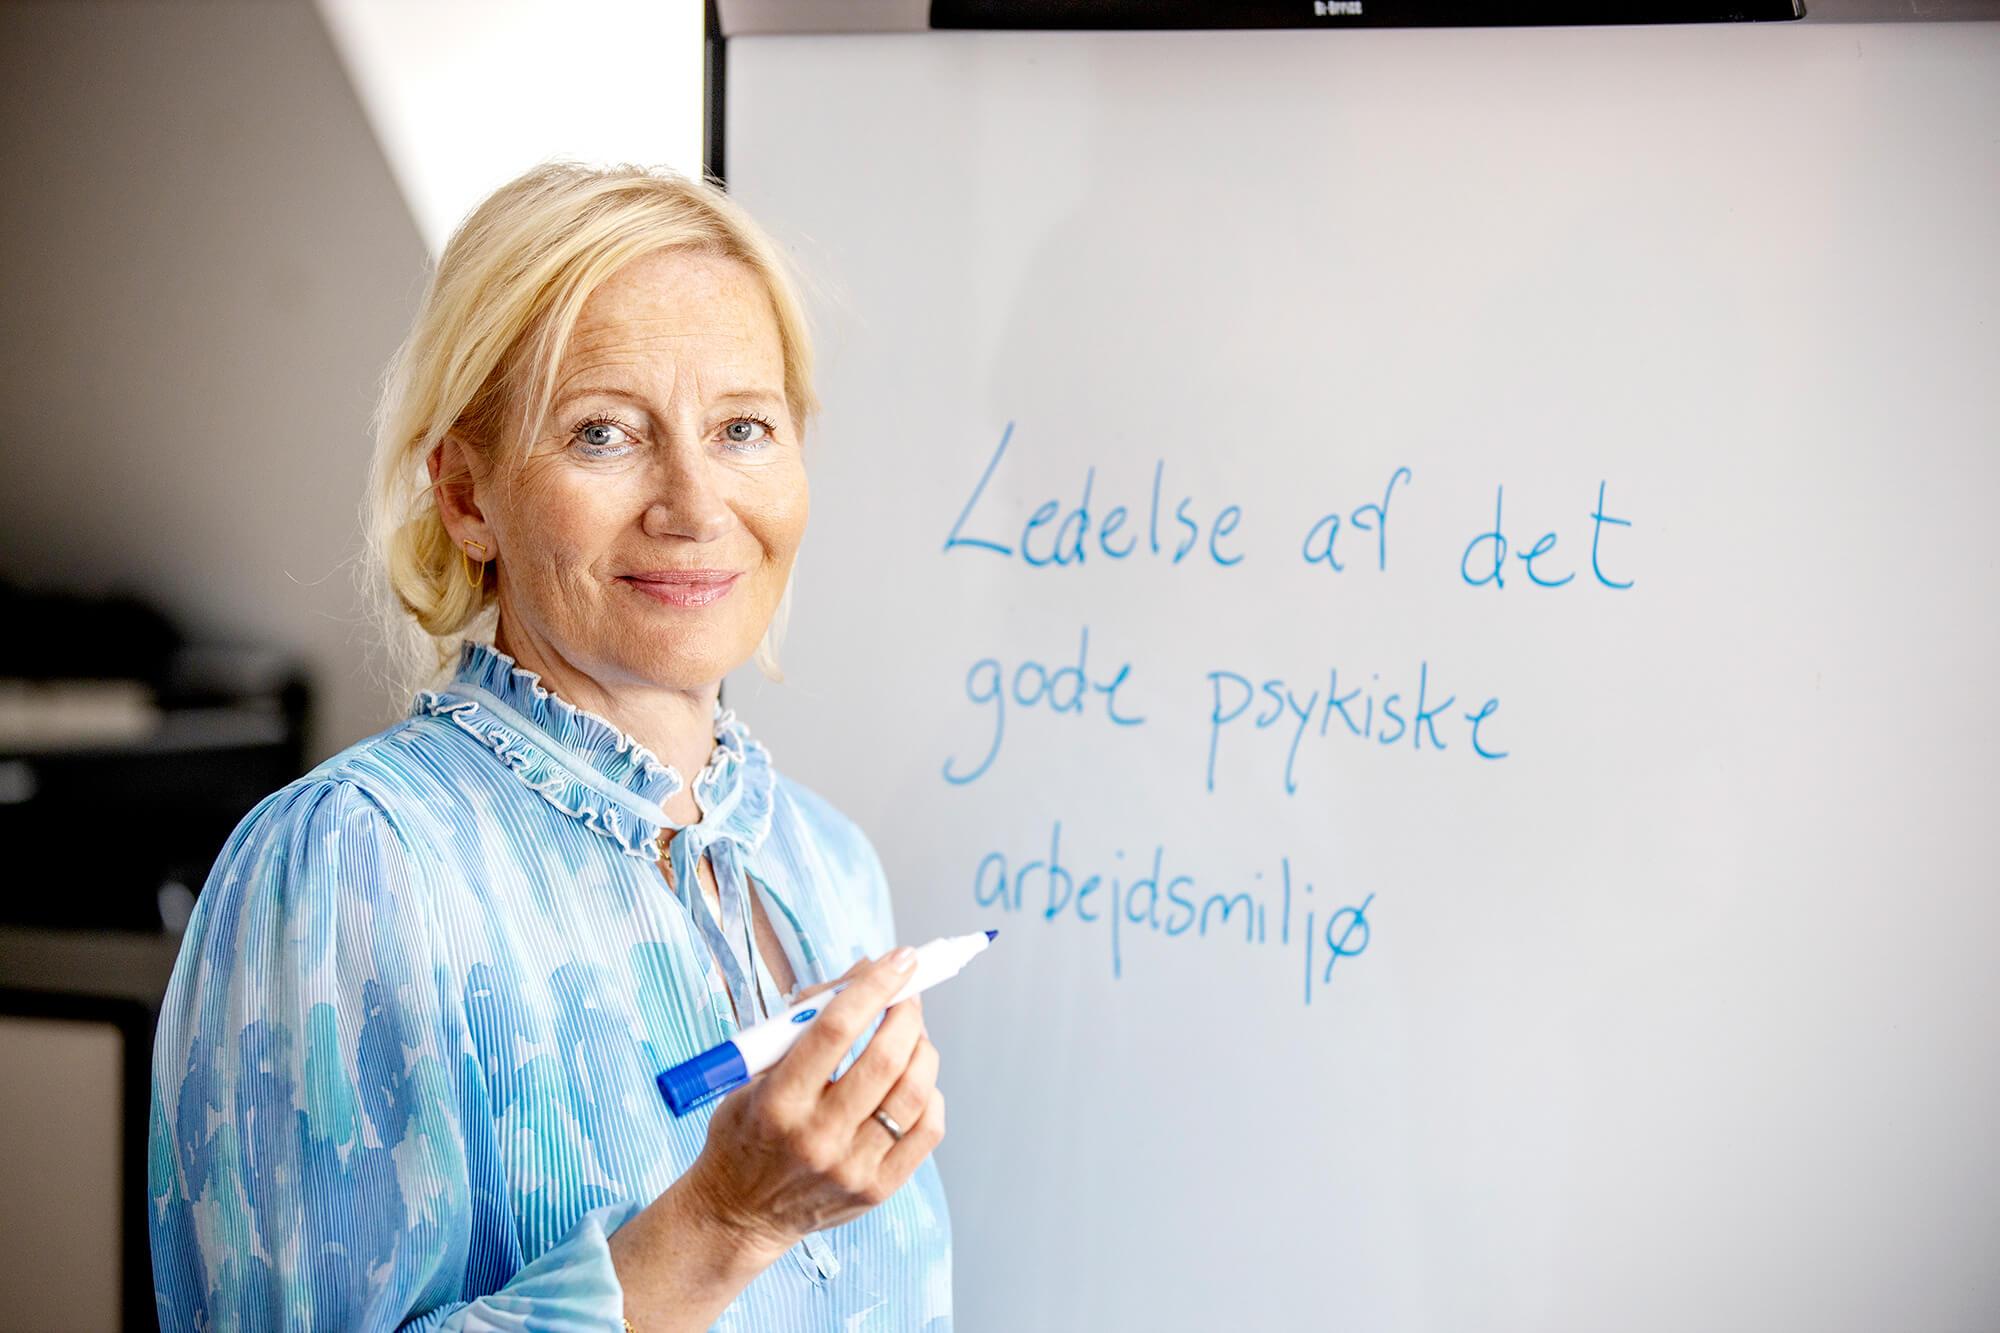 """Underviser skriver på tavle """"ledelse af det gode psykiske arbejdsmiljø"""""""